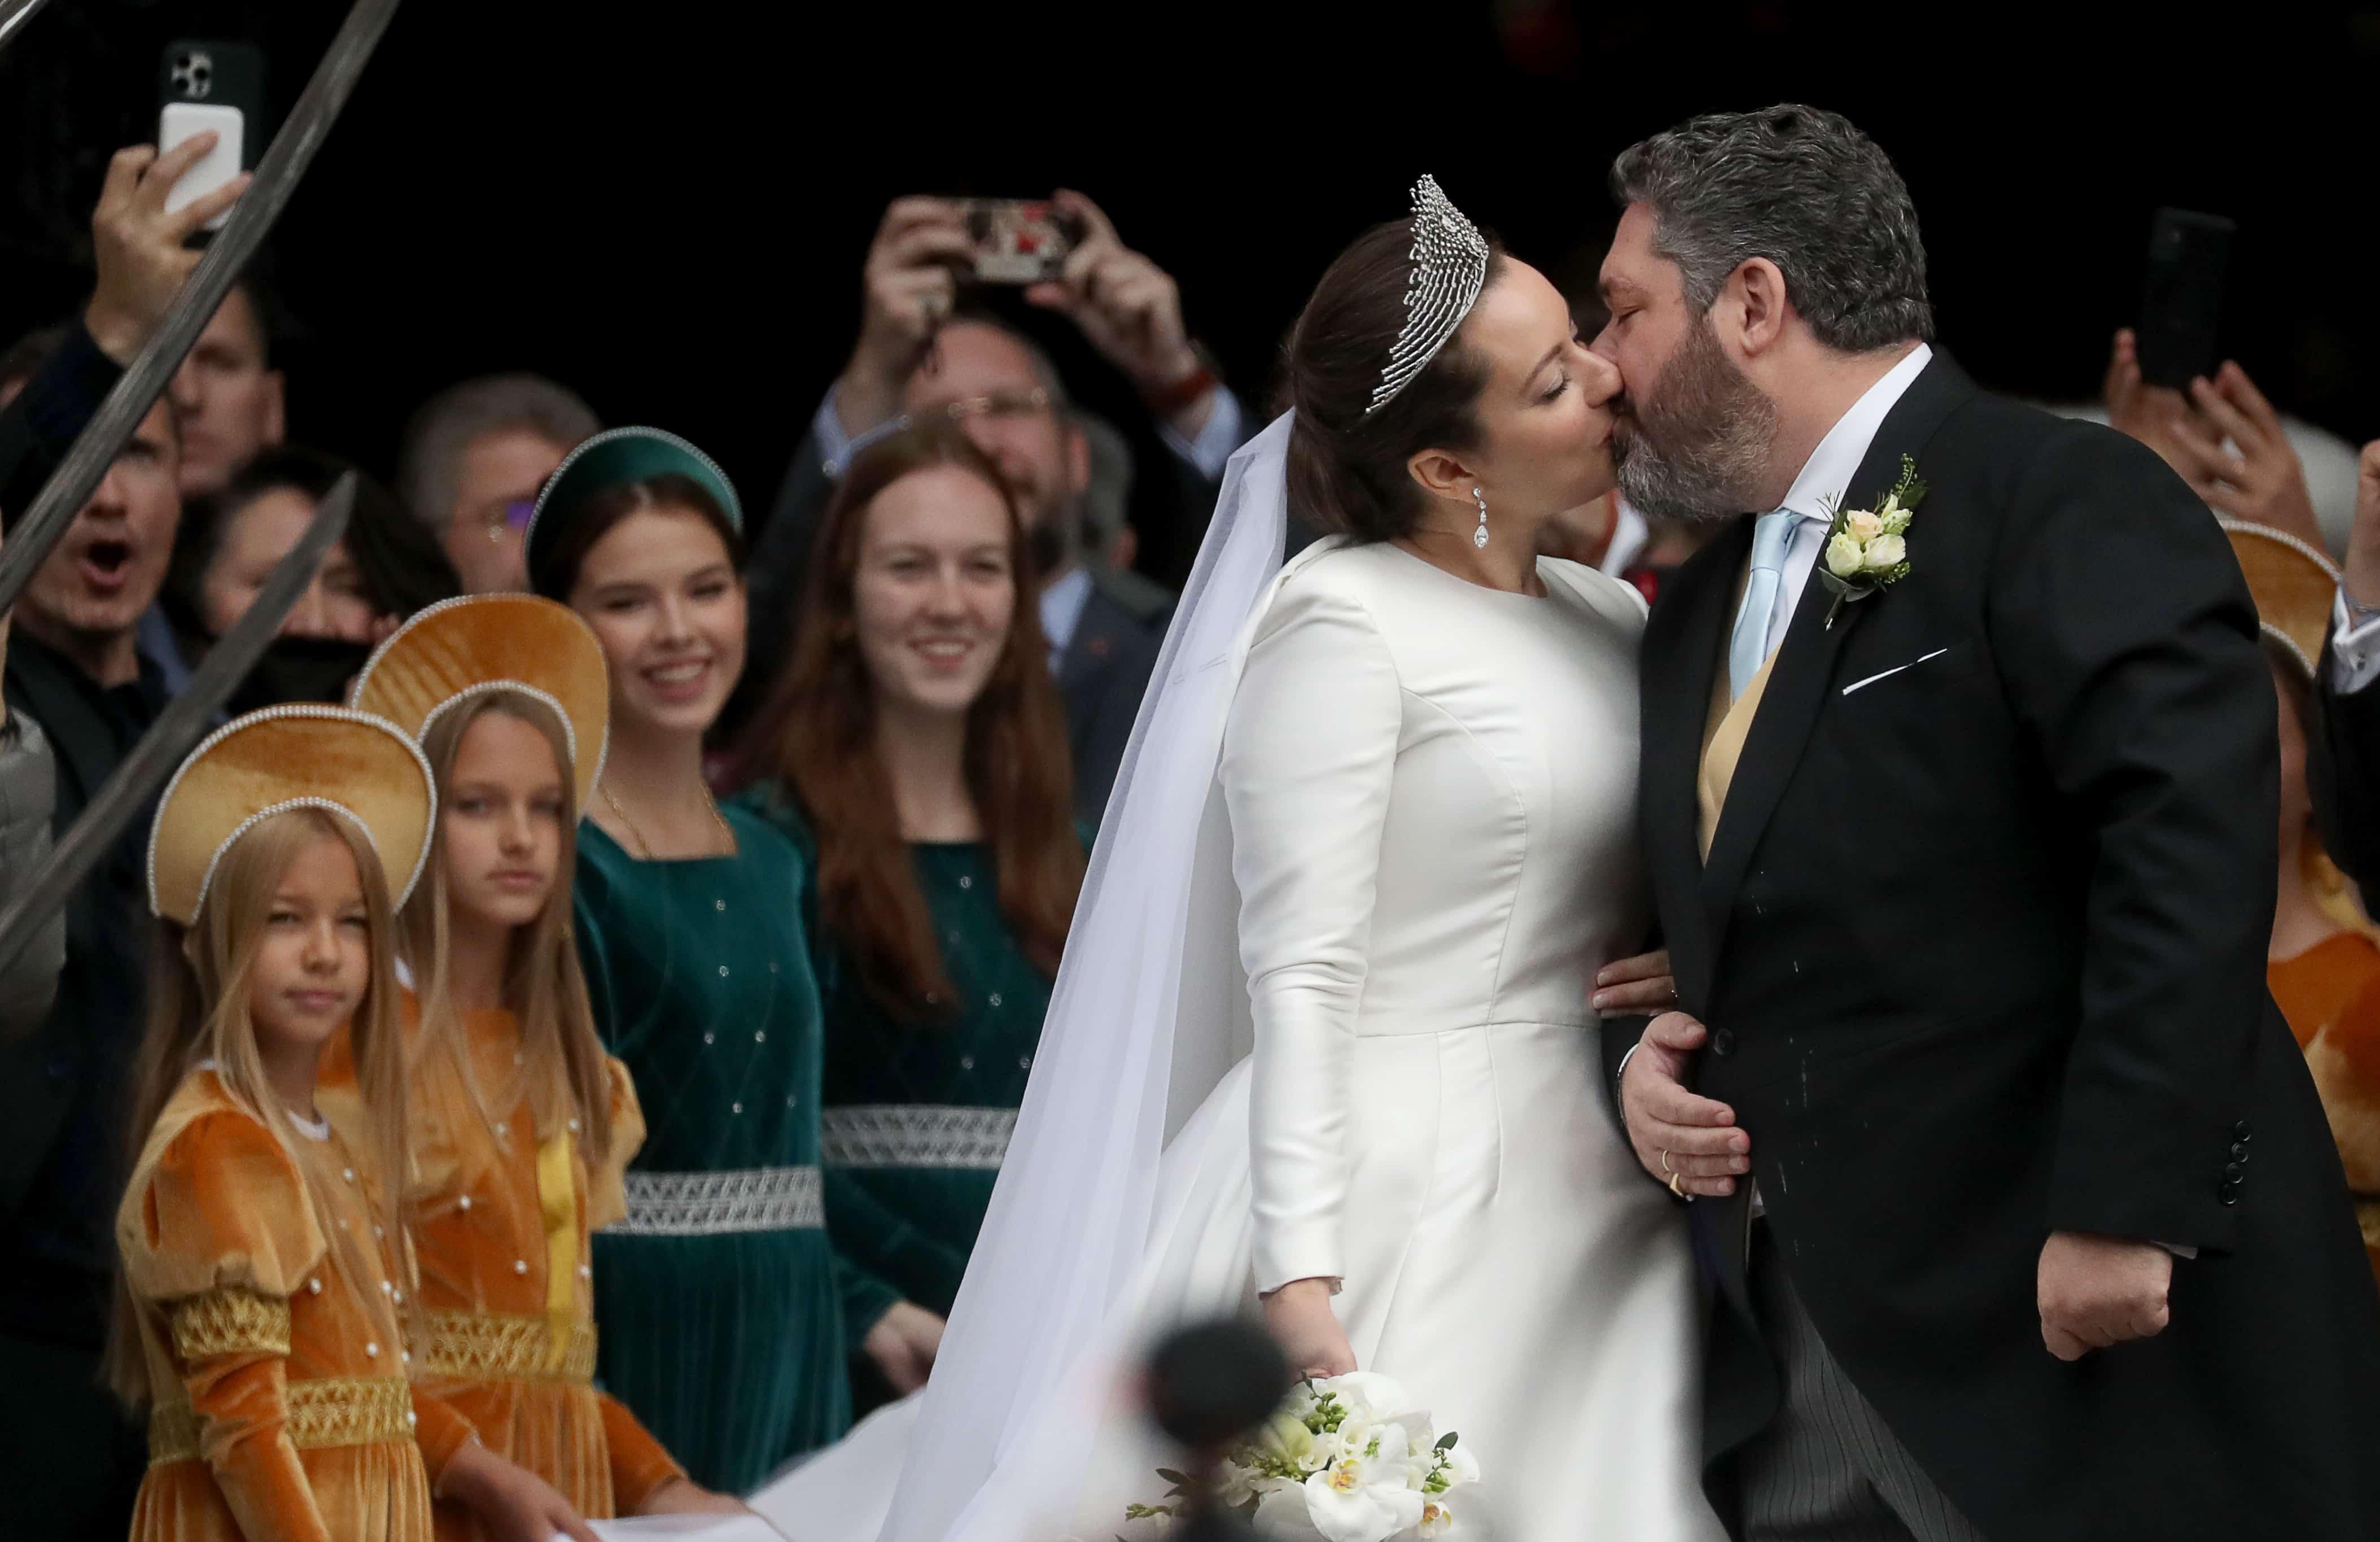 Großfürst Georgi: Kirchliche Hochzeit mit Victoria